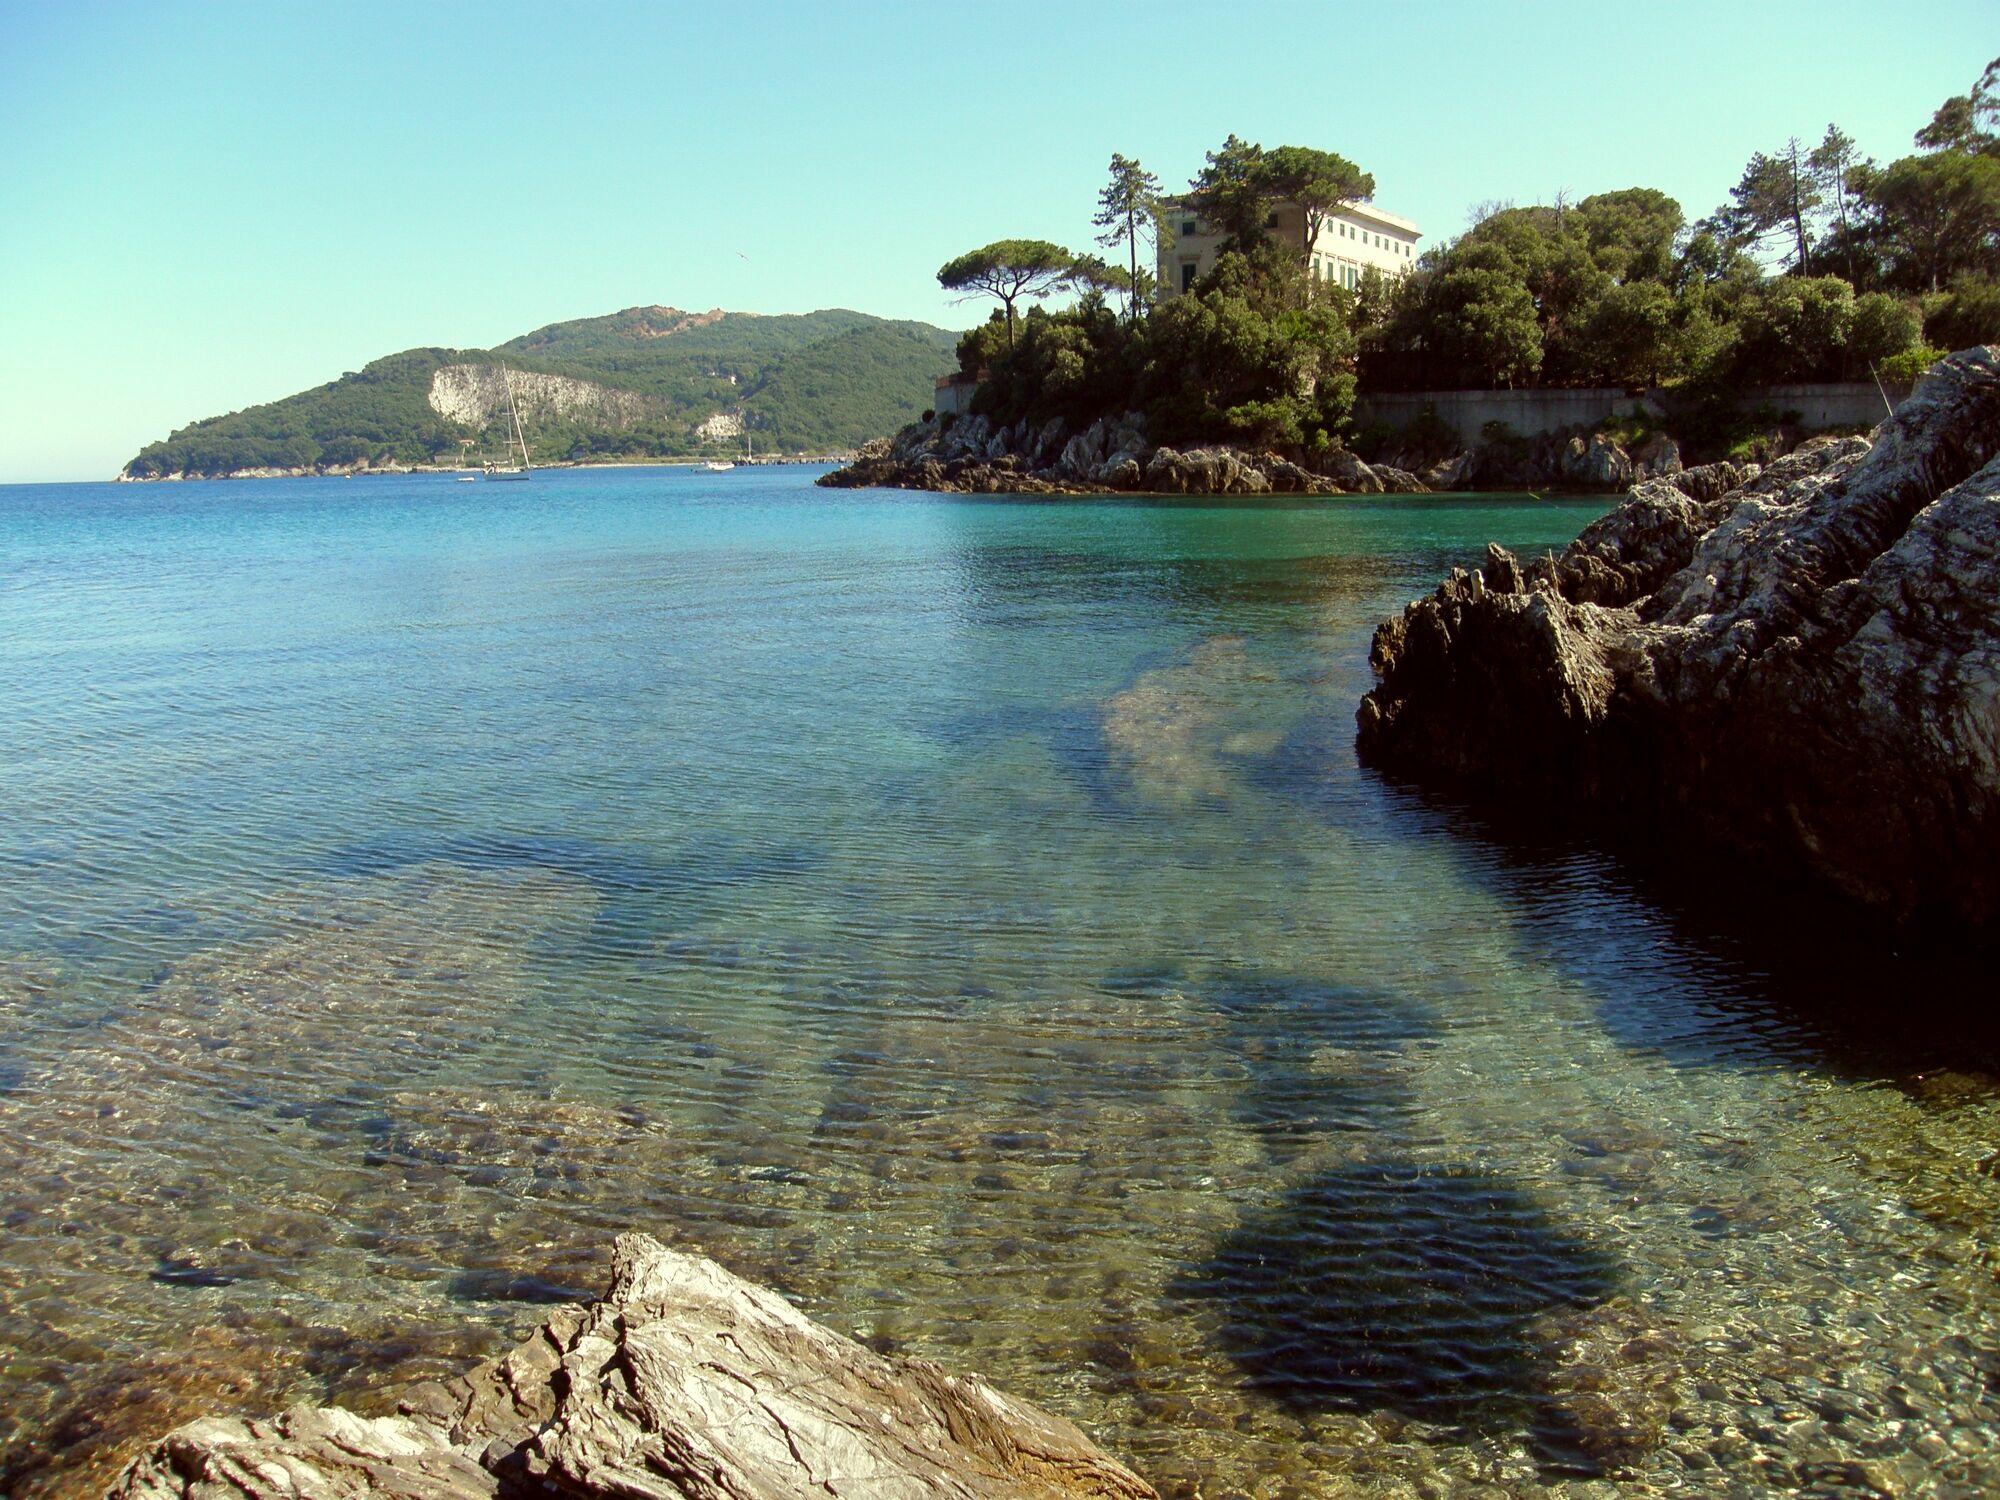 Bild mit Wasser, Strände, Urlaub, Italien, Strand, Meerblick, Meer, Insel, Sehnsucht nach Meer